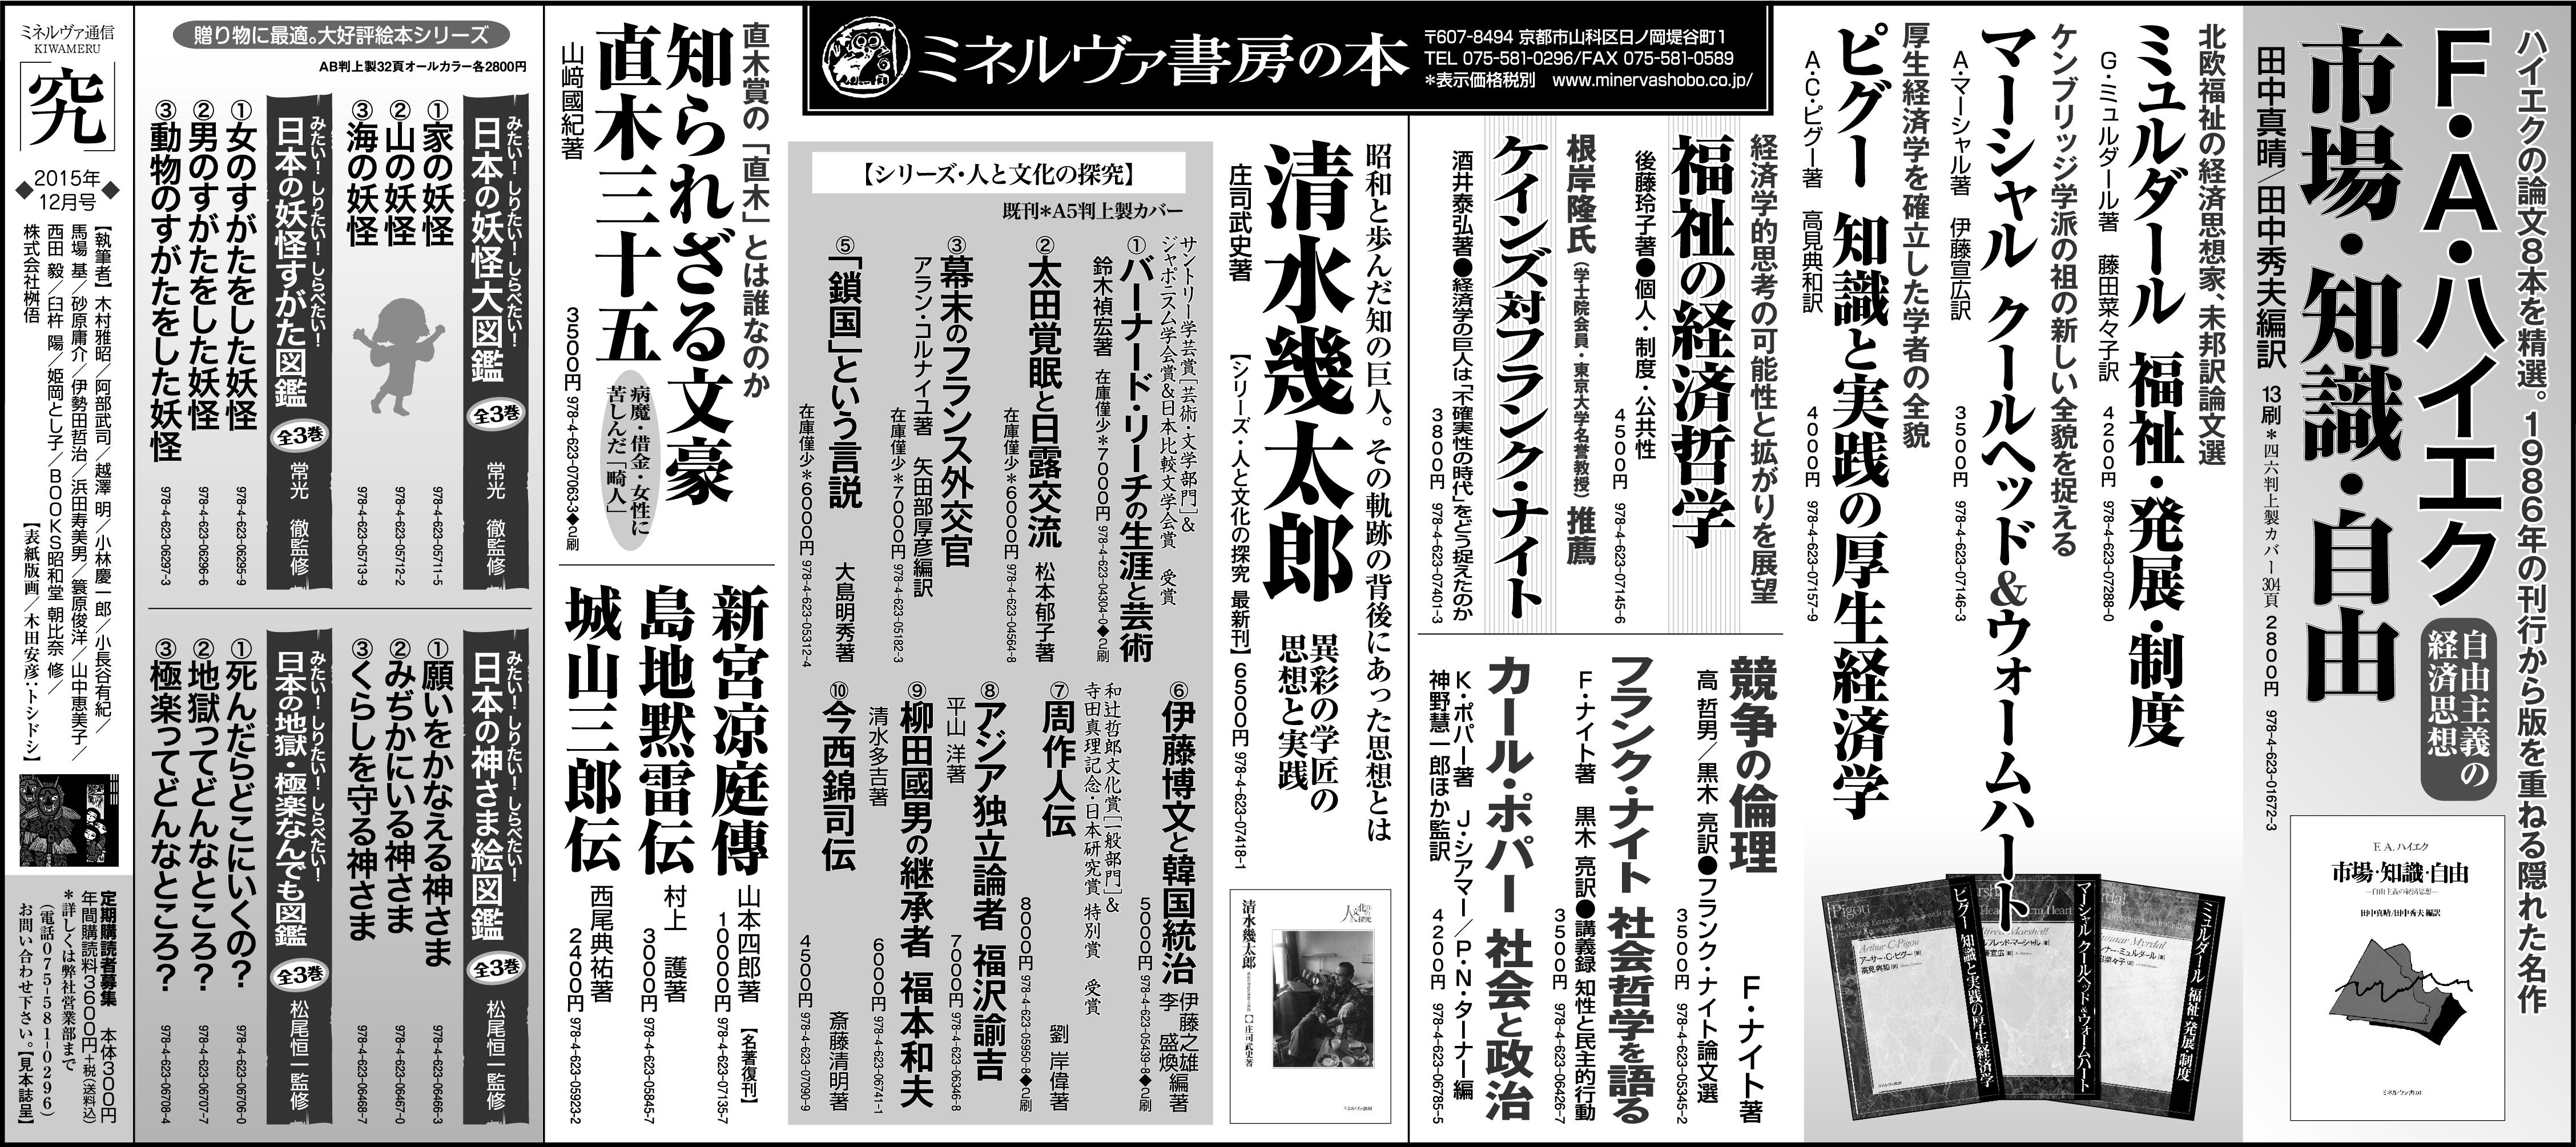 朝日新聞2015年12月13日(読書面)全5段広告